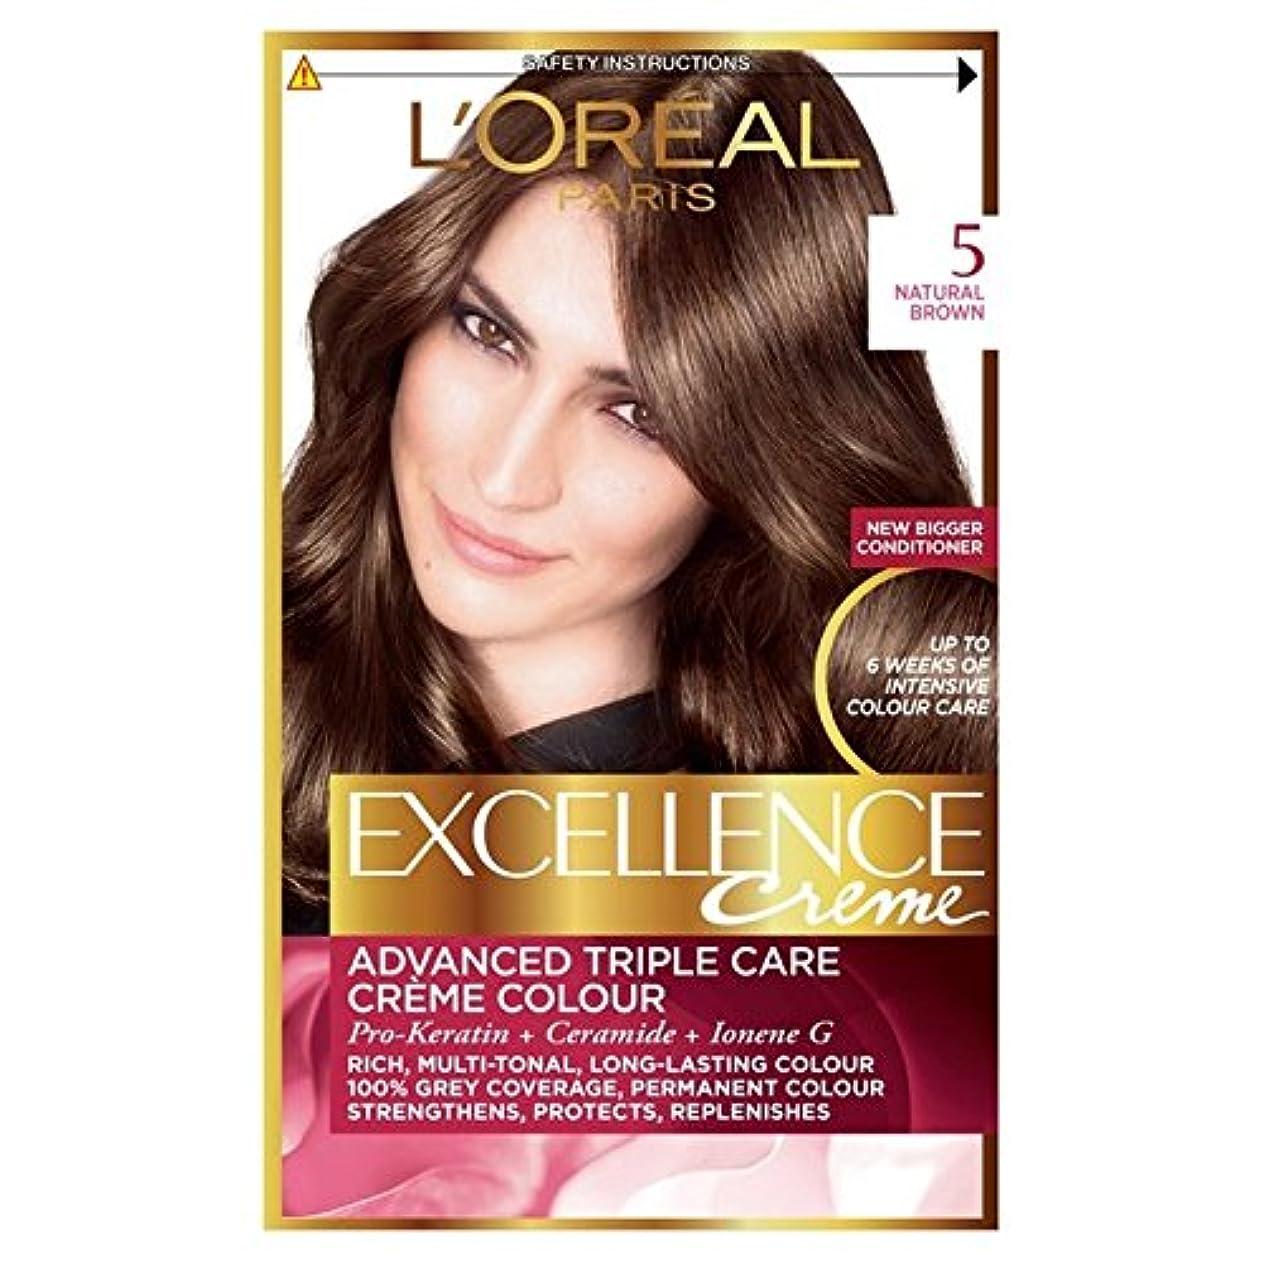 つぼみ落ち着く感謝祭L'Oreal Excellence - Natural Brown (Pack of 6) - ロレアルの優秀さ - ナチュラルブラウン x6 [並行輸入品]